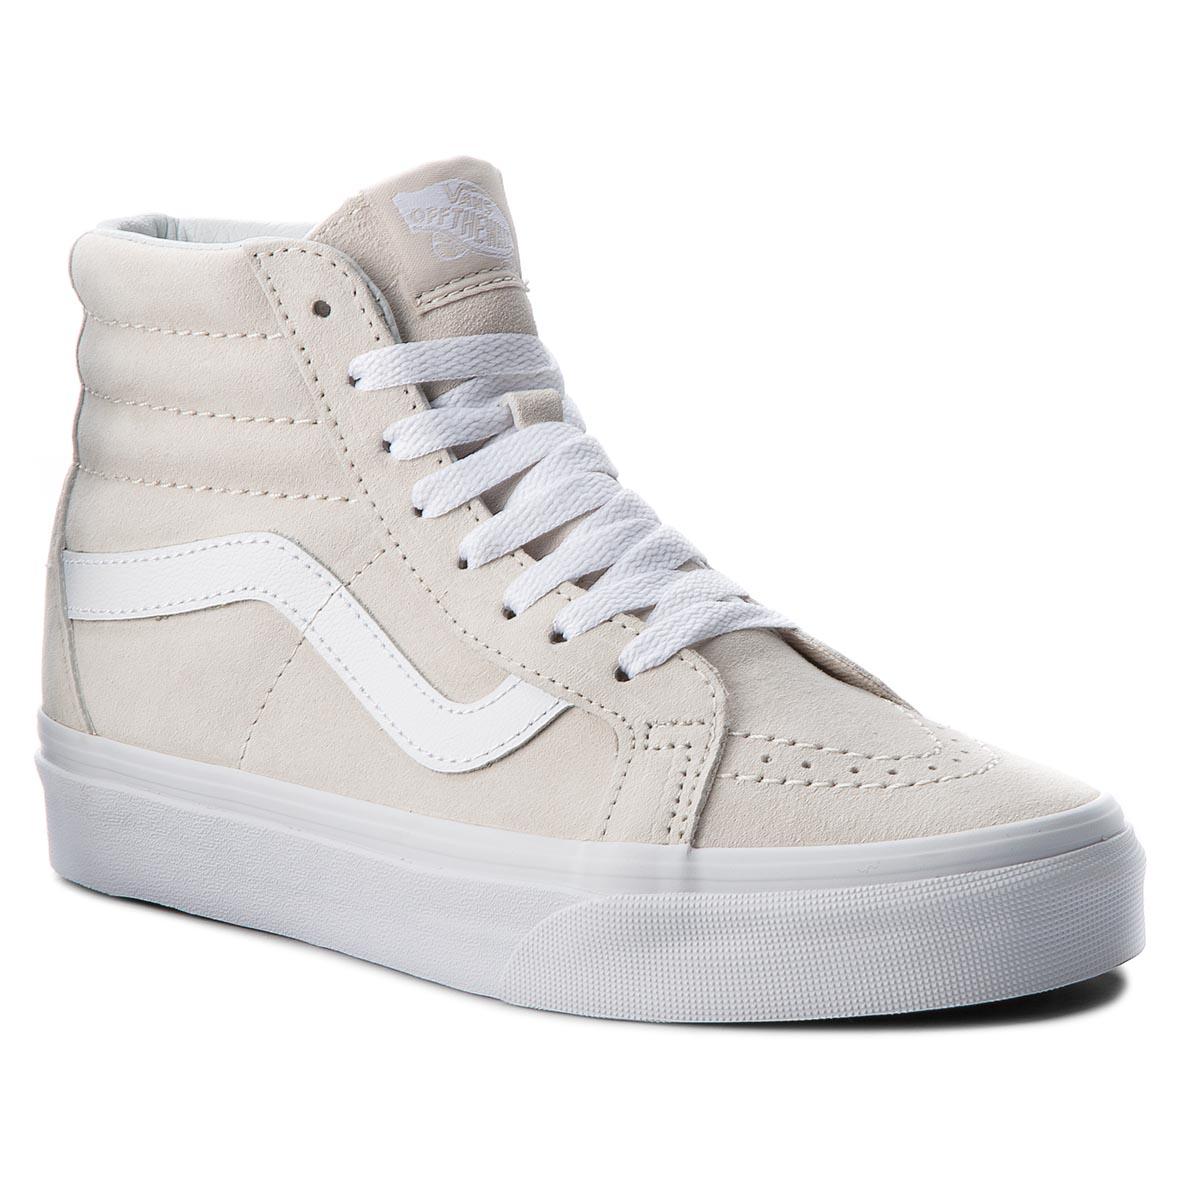 305ce1fd97 Sneakers VANS - Sk8-Hi Reissue VN0A2XSBU5K (Pig Suede) Leather Brown ...